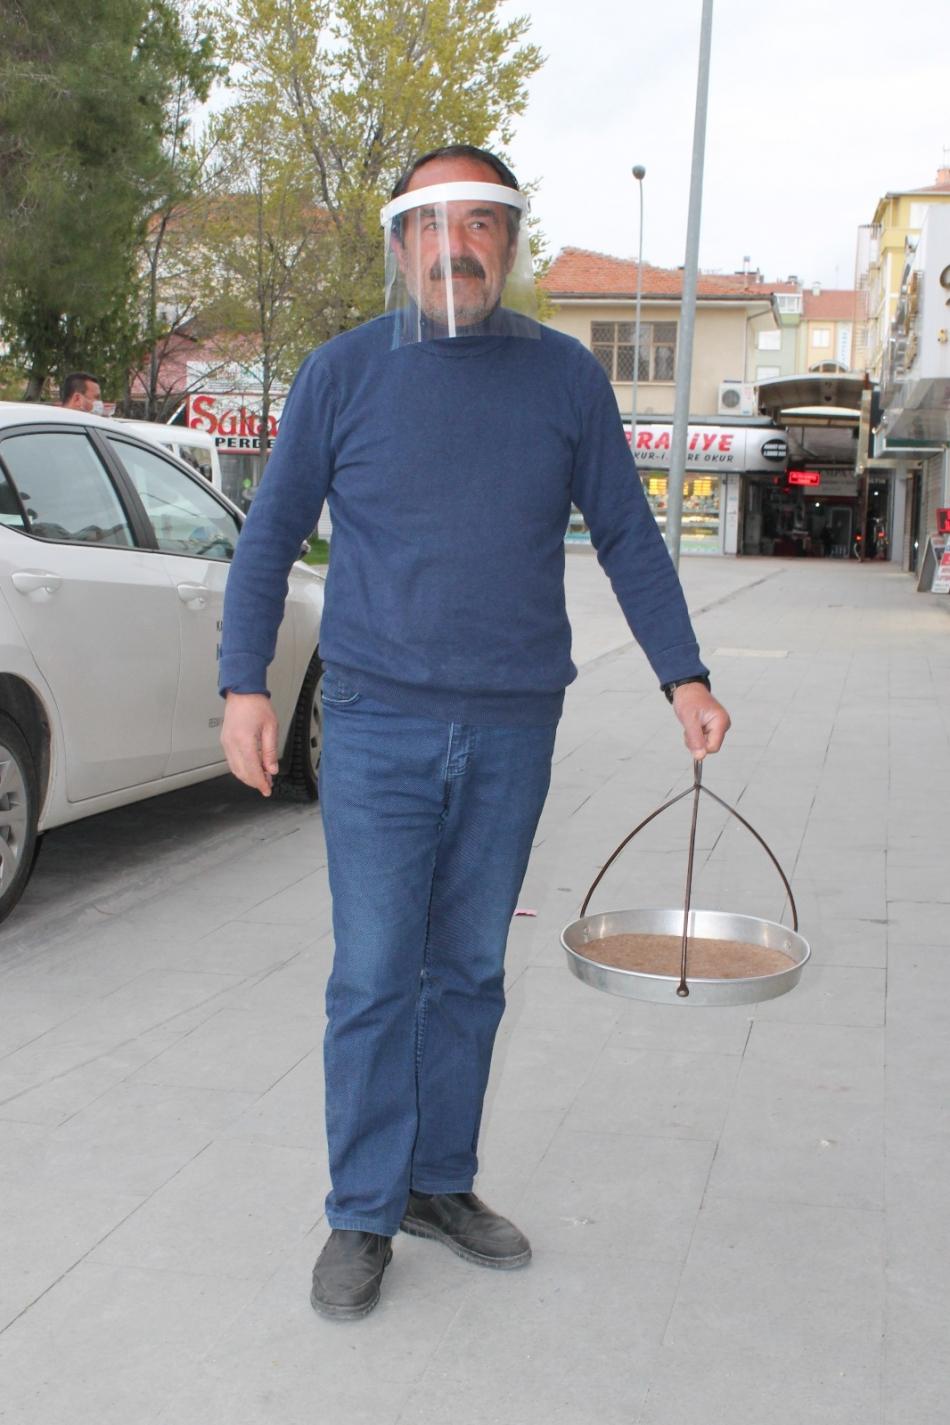 2020/04/1587129319_karaman_genclikspor_(2).jpg